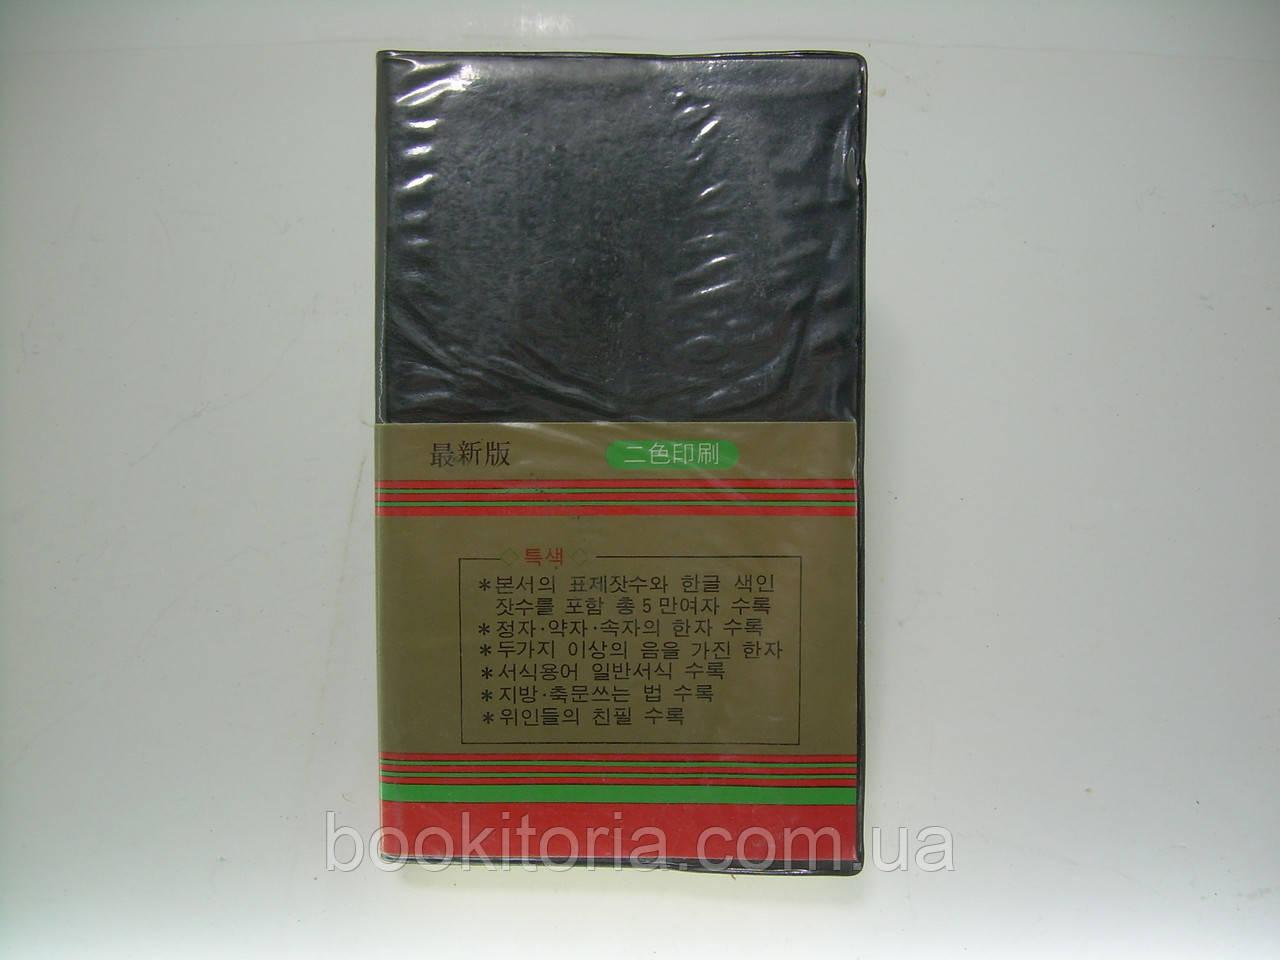 Книга на китайском языке (用中文預訂) (б/у).